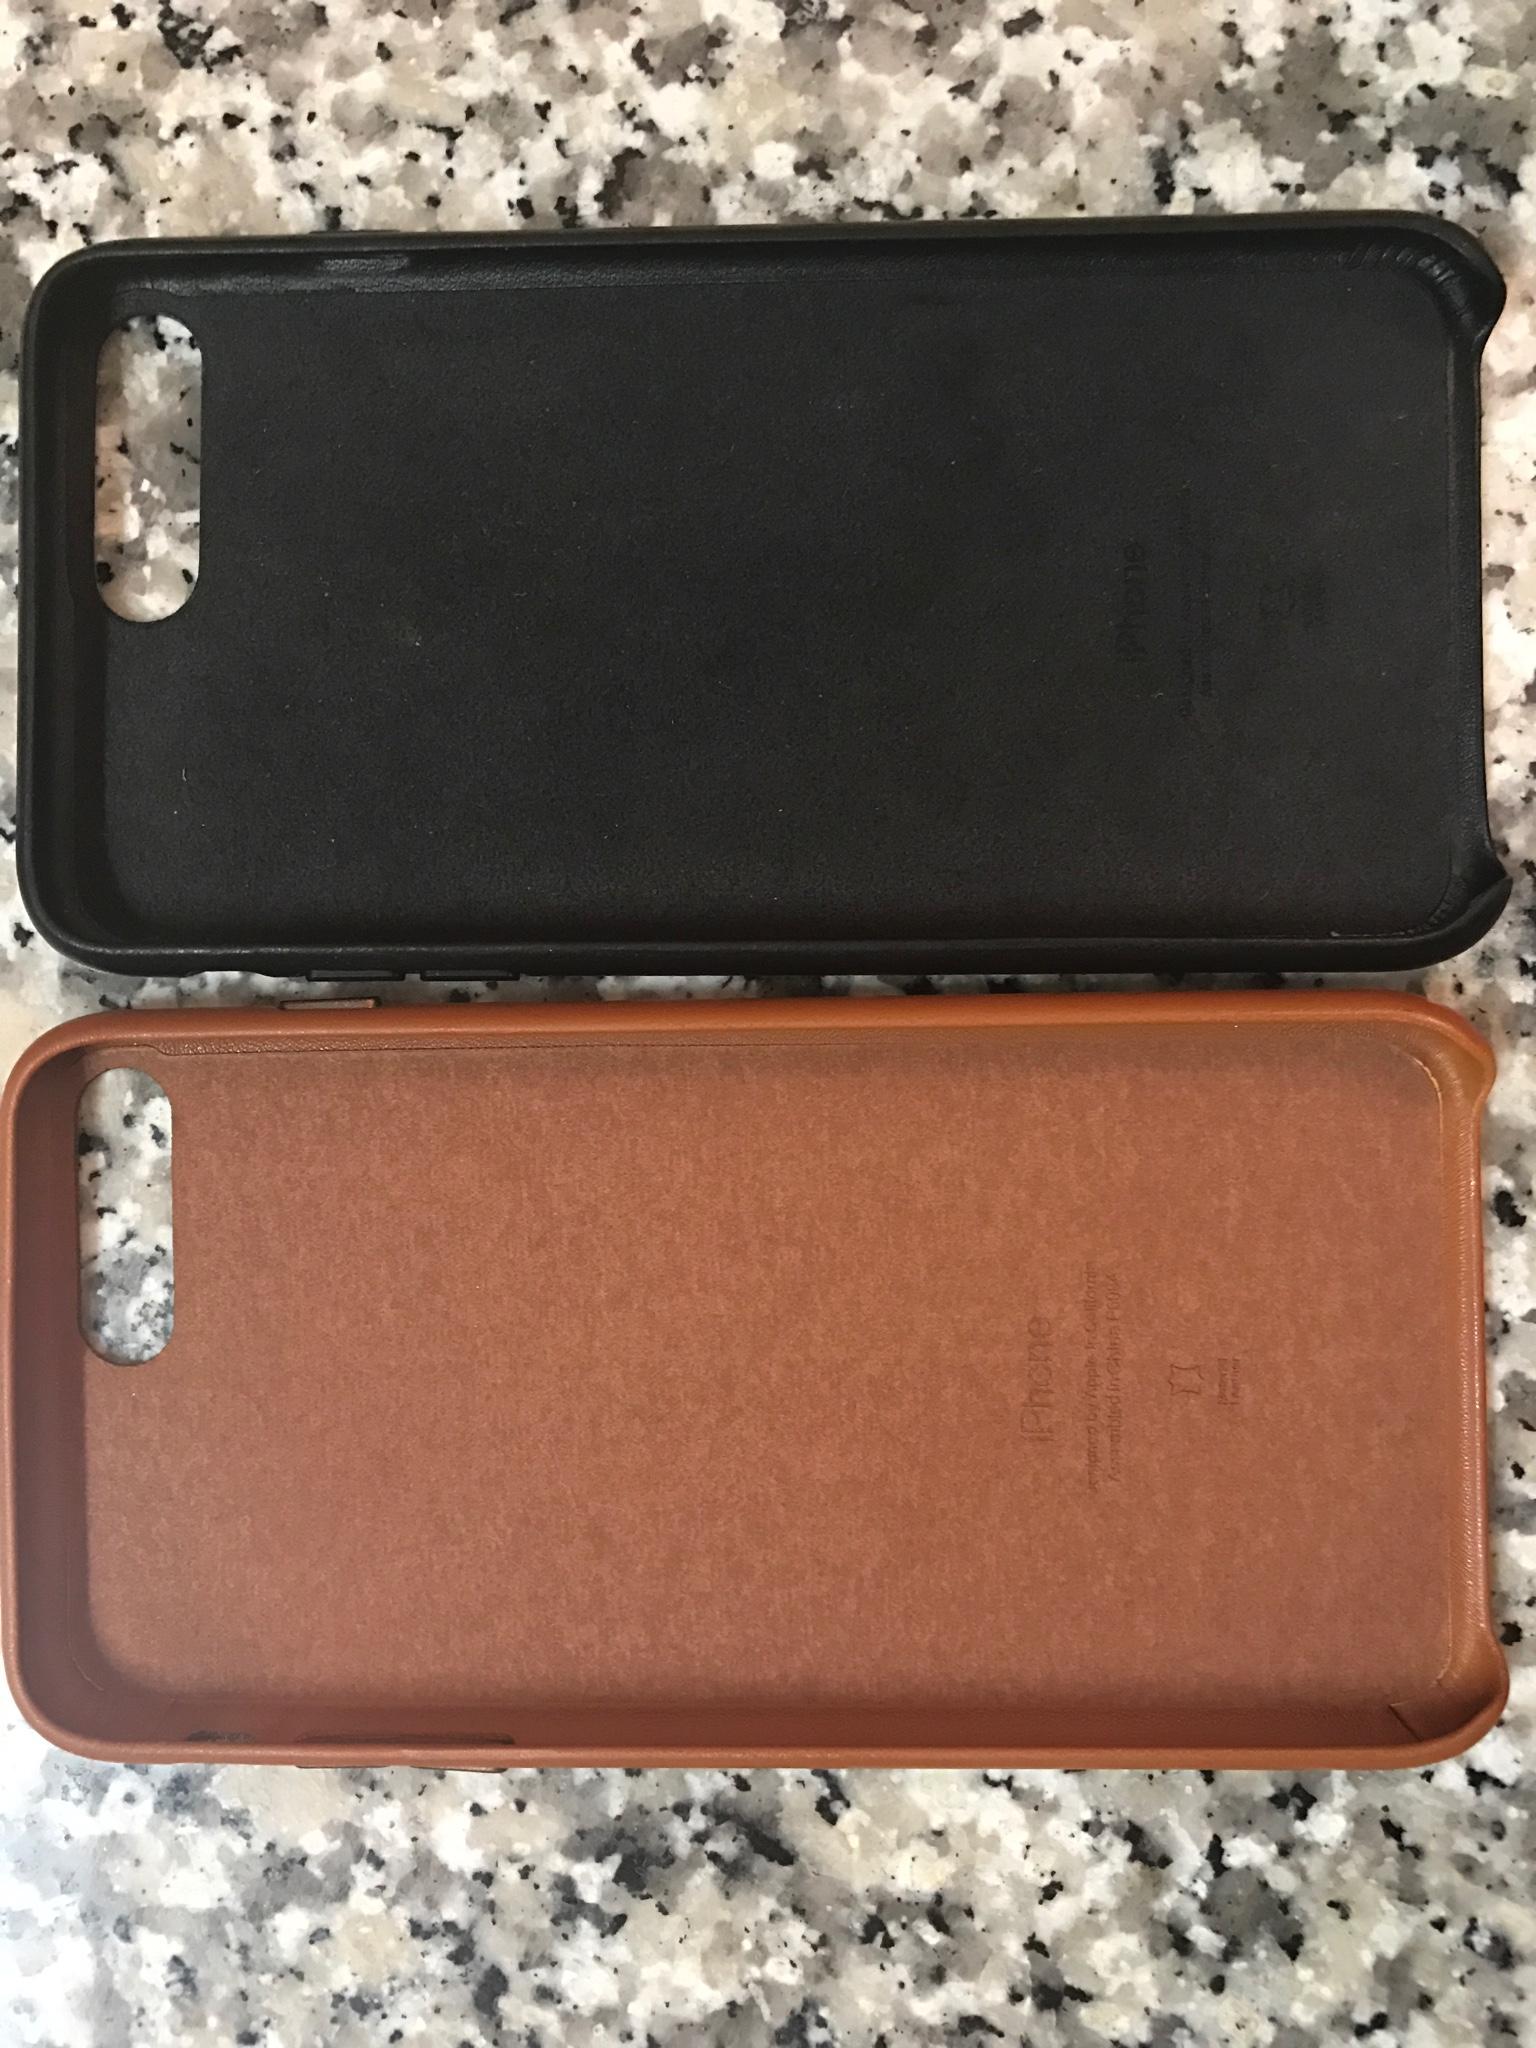 fangke iphone 7 case